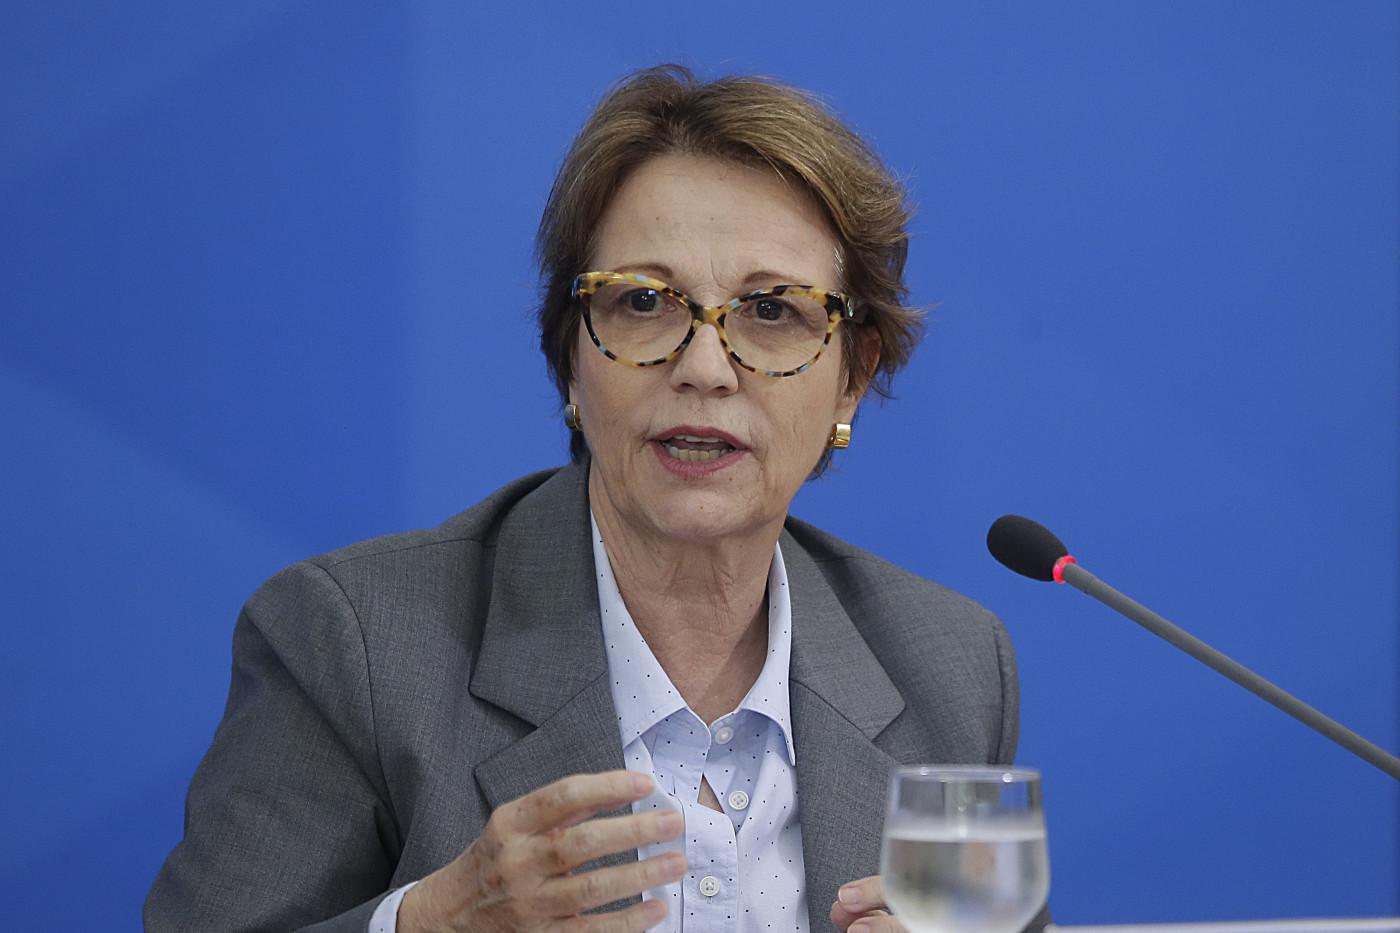 Mulher de cabelos curtos e óculos com armação grossa fala em microfone diante de um fundo azul